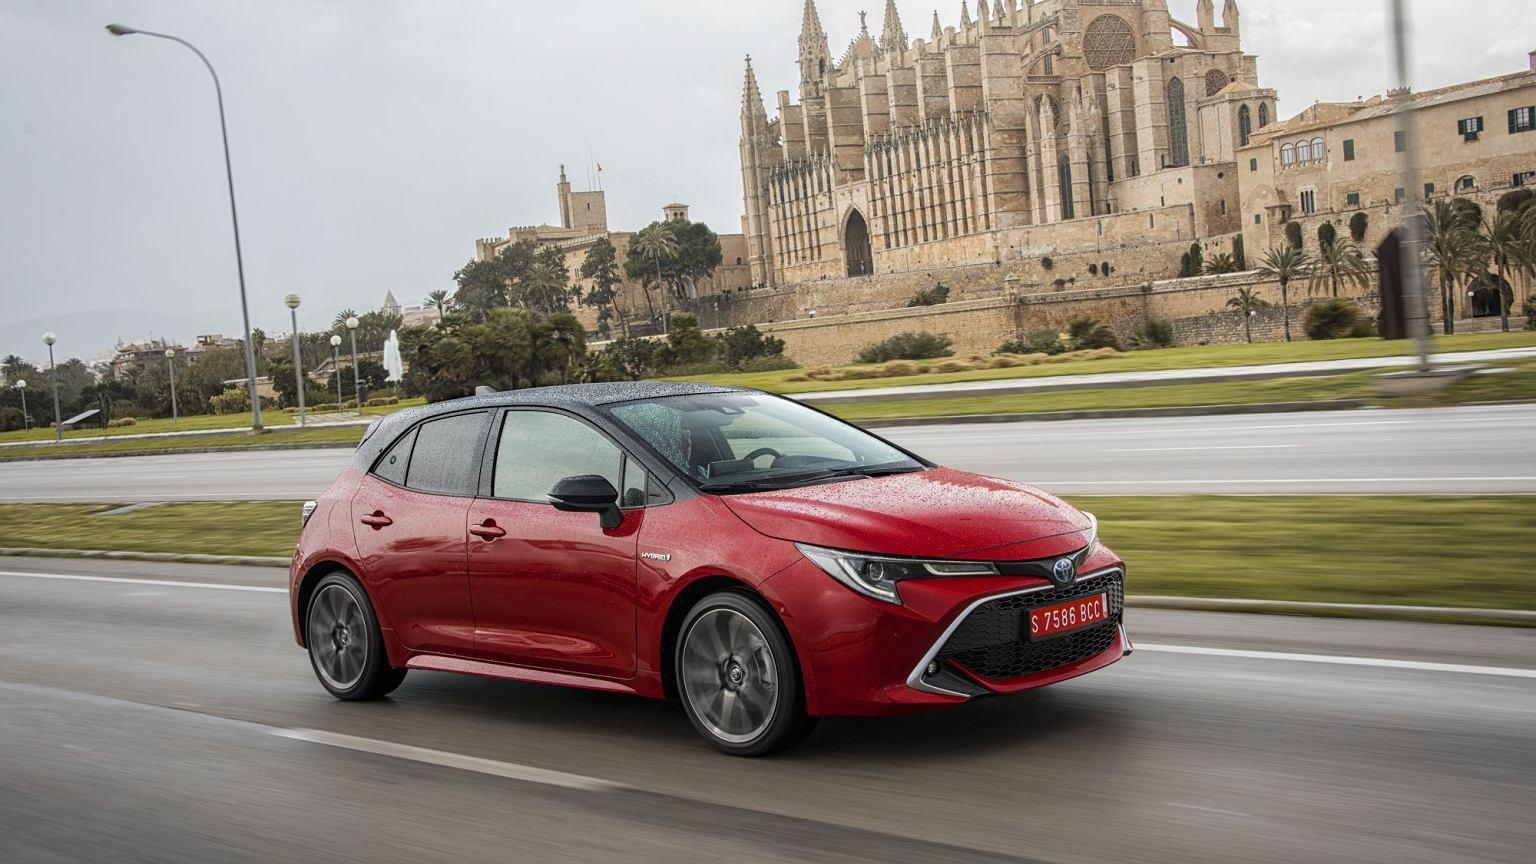 Super Nowa Toyota Corolla 2019 - opinie, wrażenia z jazdy EG65